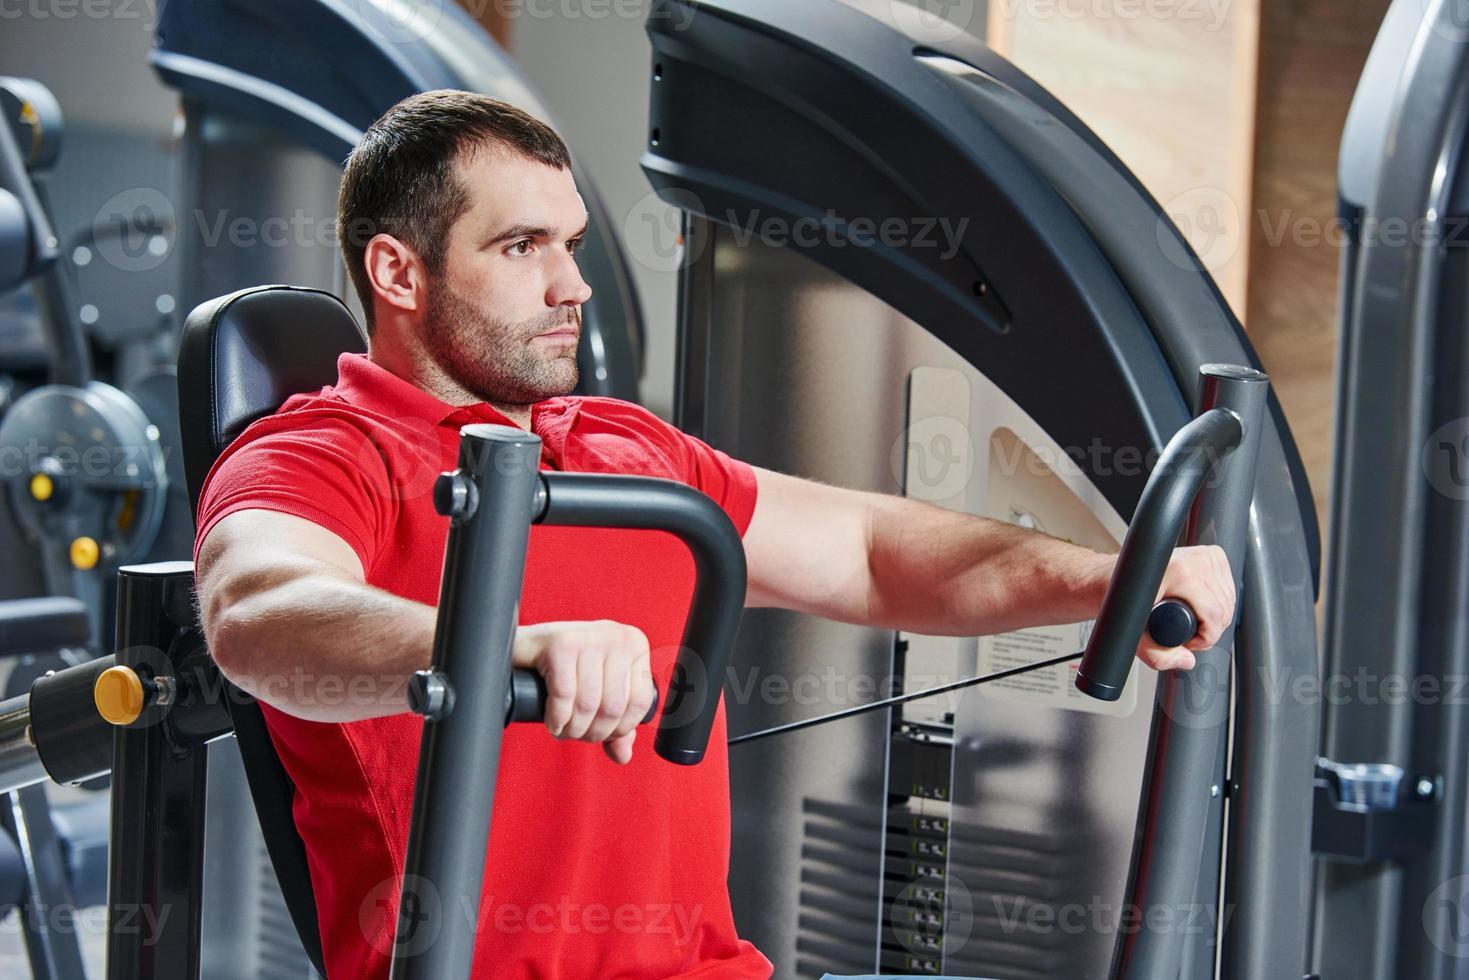 man op sportschool hebben een training foto